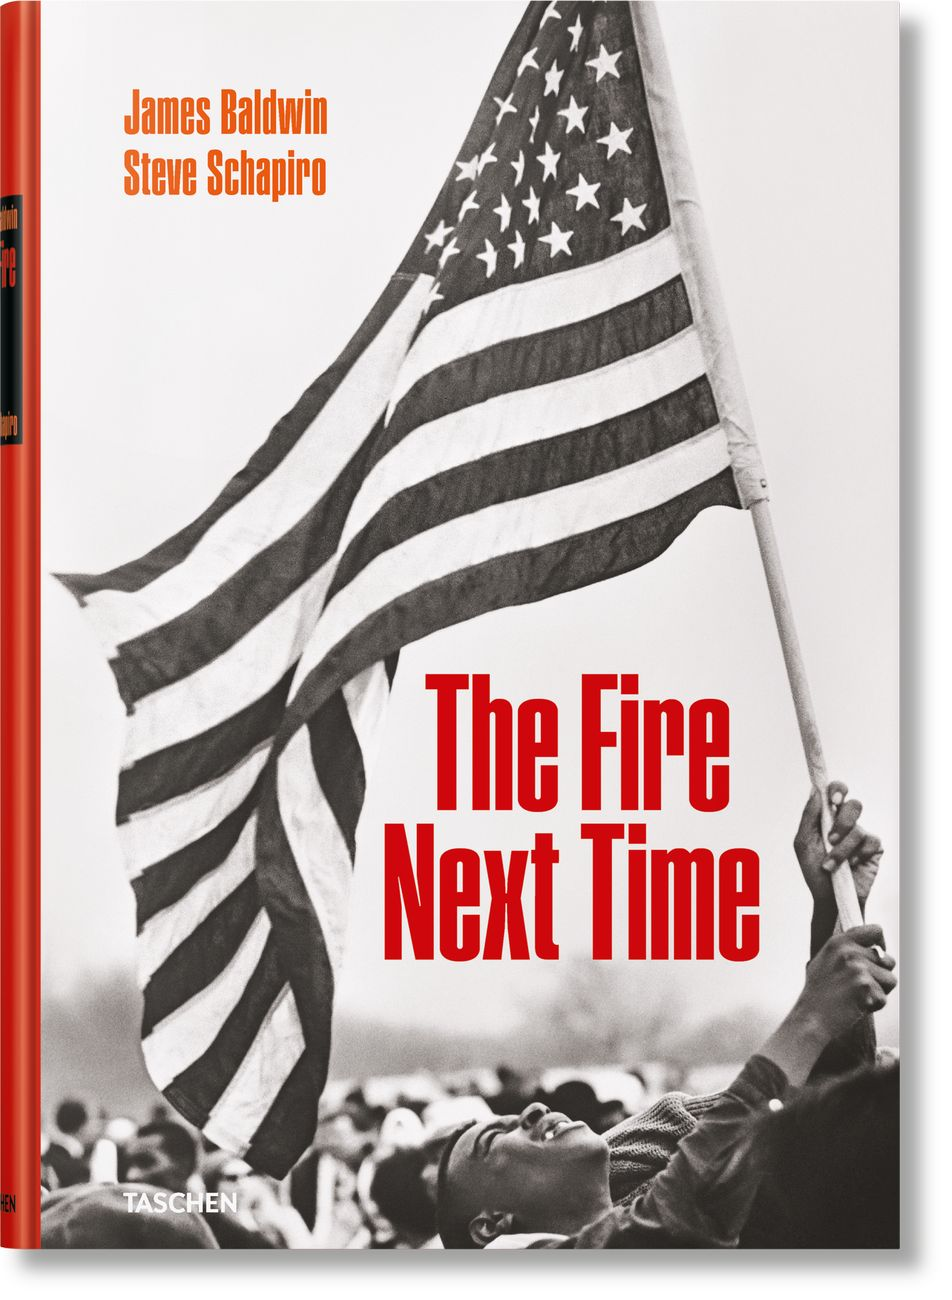 James Baldwin & Steve Schapiro, The Fire Next Time, 1963